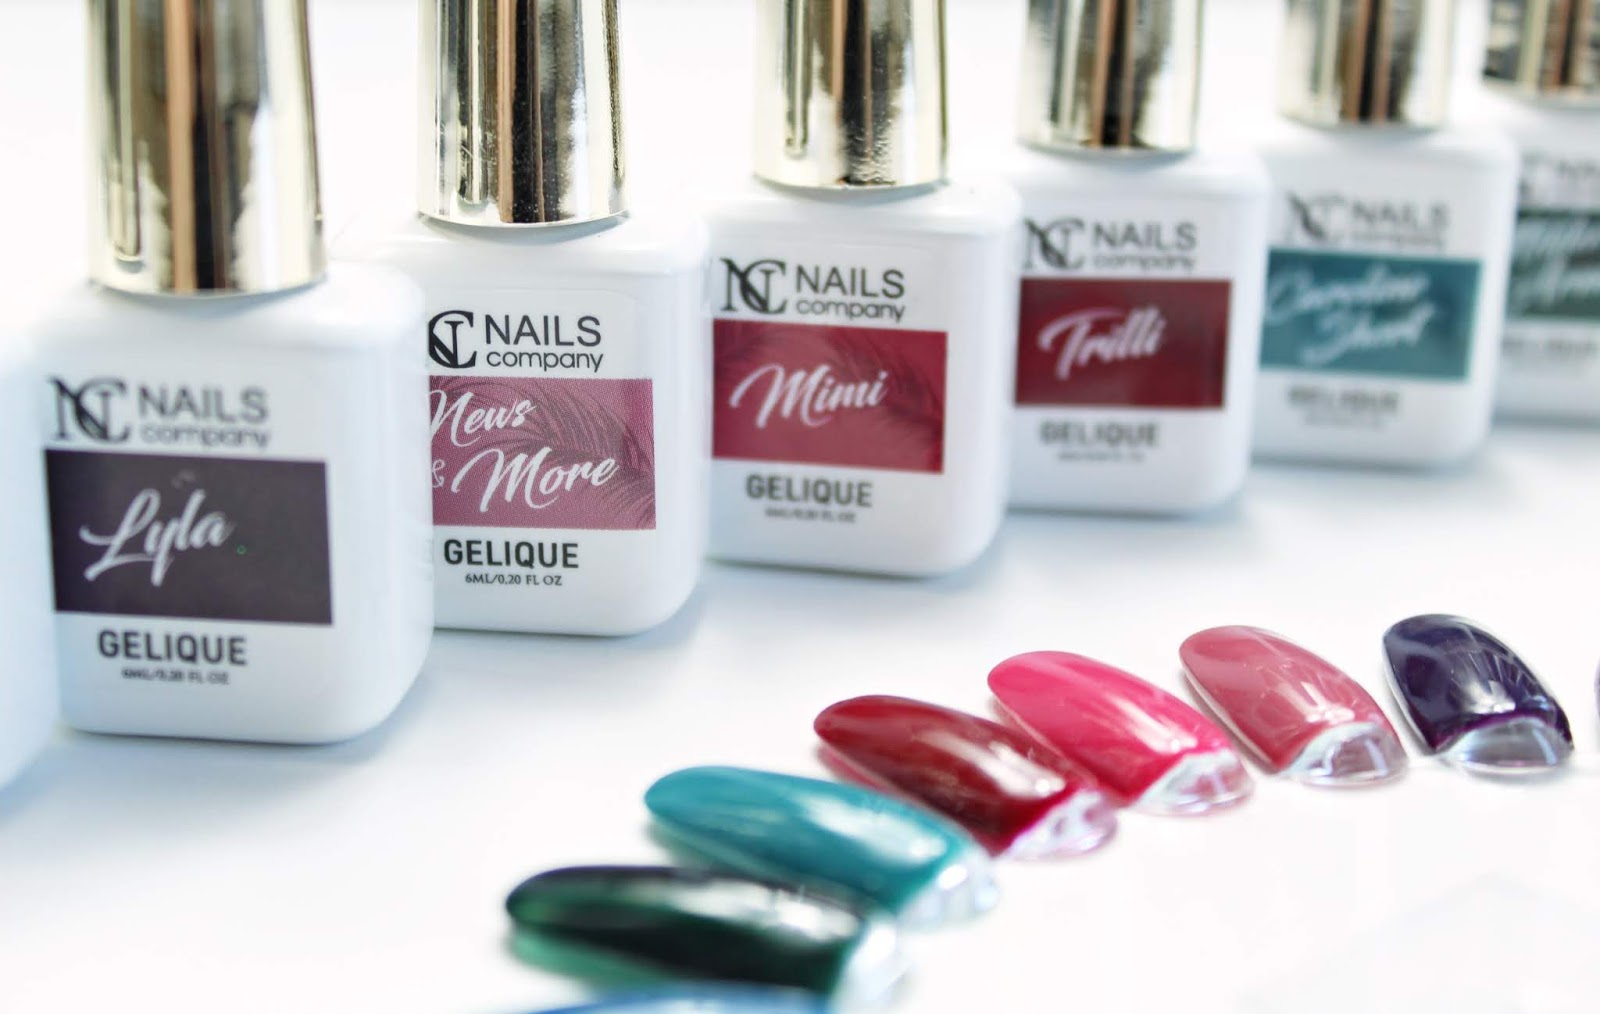 NOWOŚĆ! Kolekcja lakierów hybrydowych NC Nails Company - SUCCESS TIME